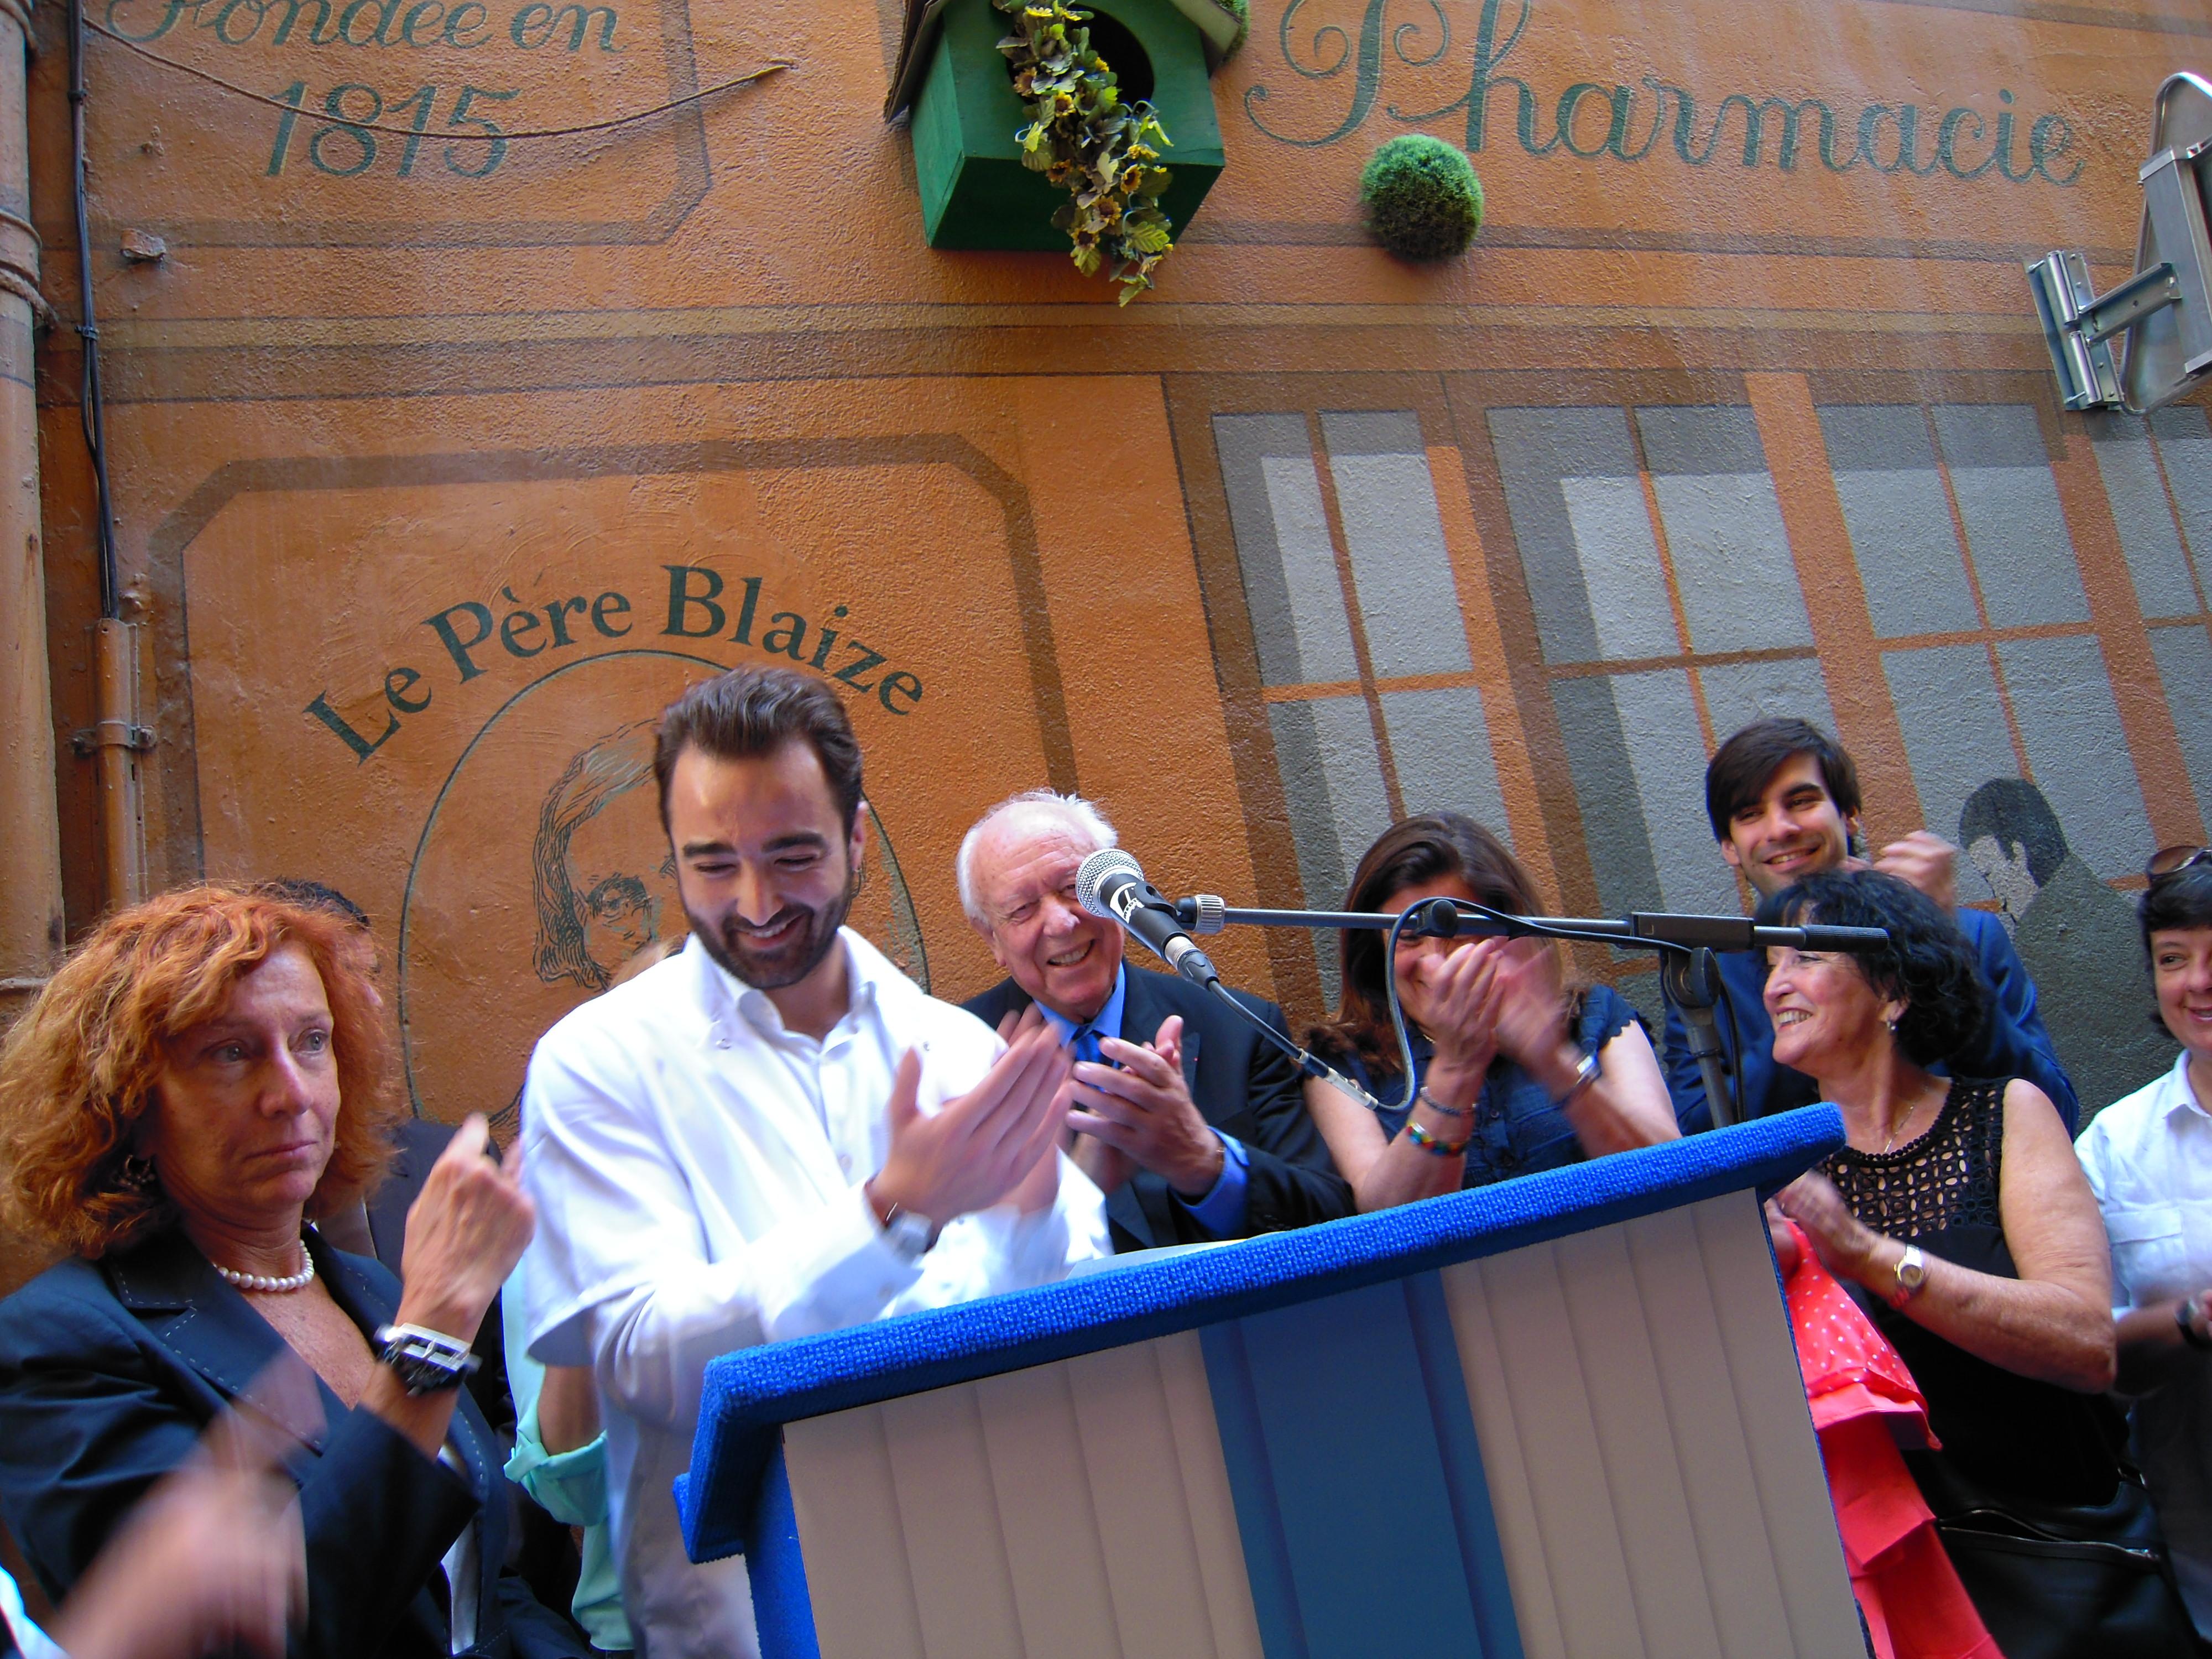 Jean-Claude Gaudin, Maire de Marseille / Martine Bonnabel Blaize, arrière-petite fille du fondateur et Cyril Coulard, pharmacien et repreneur de l'herboristerie.